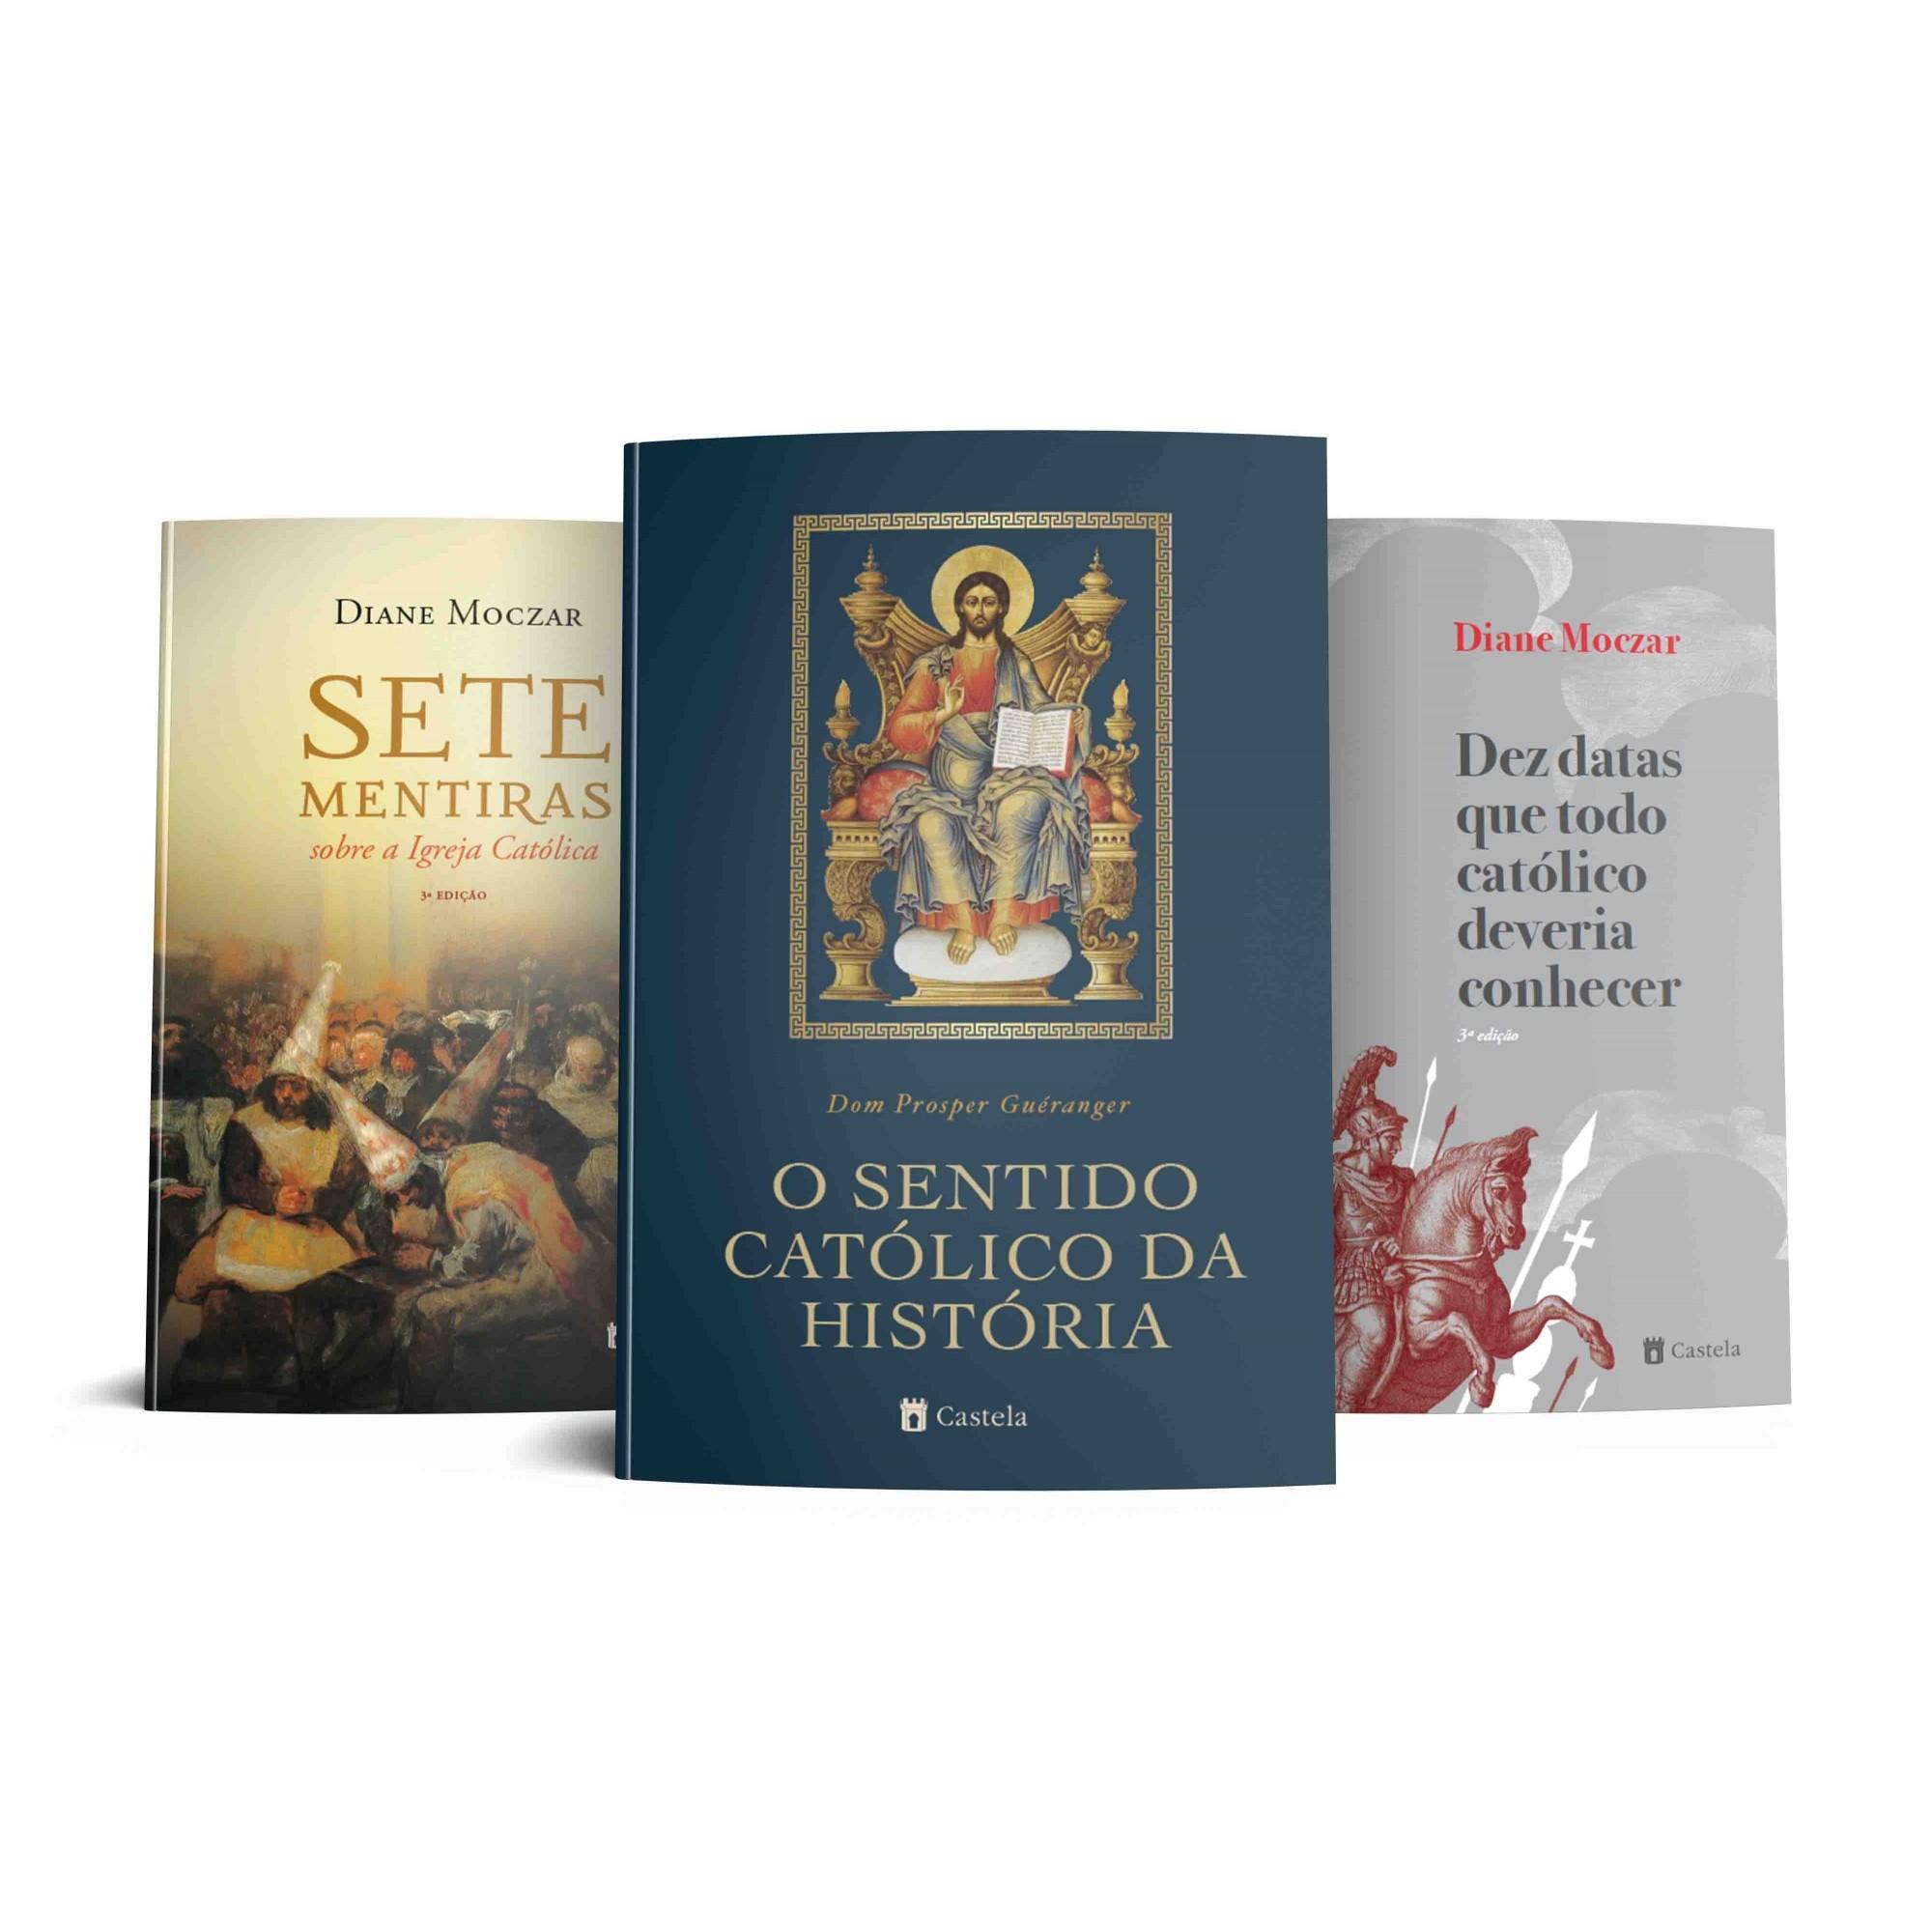 Combo História Católica (Pré-Venda)